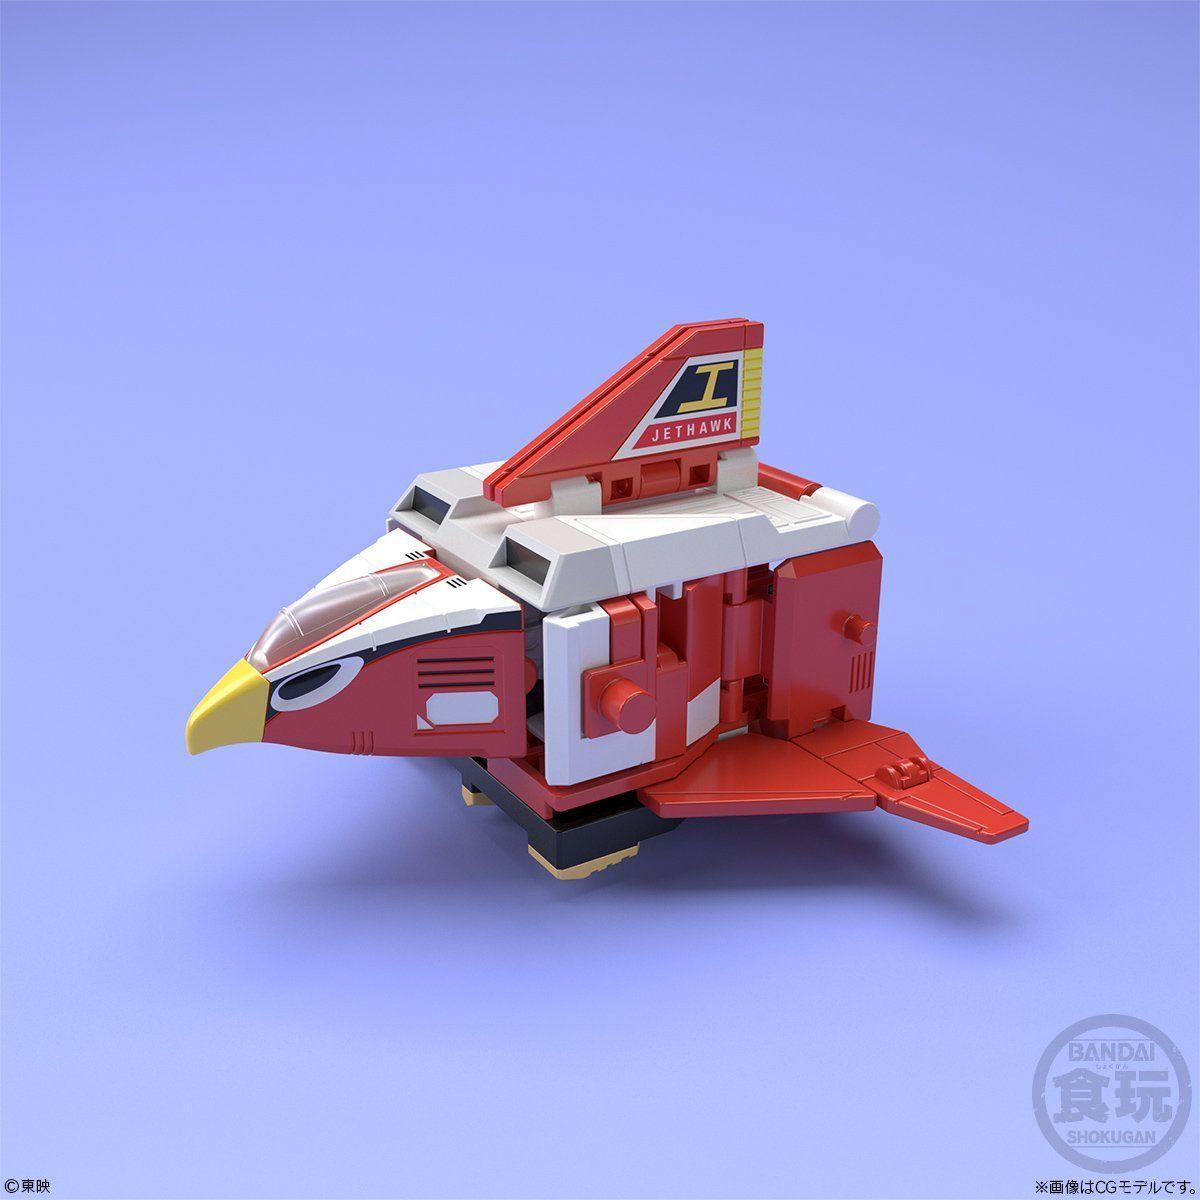 【食玩】スーパーミニプラ『天空合体 ジェットイカロス』鳥人戦隊ジェットマン プラモデル 5個入りBOX-002